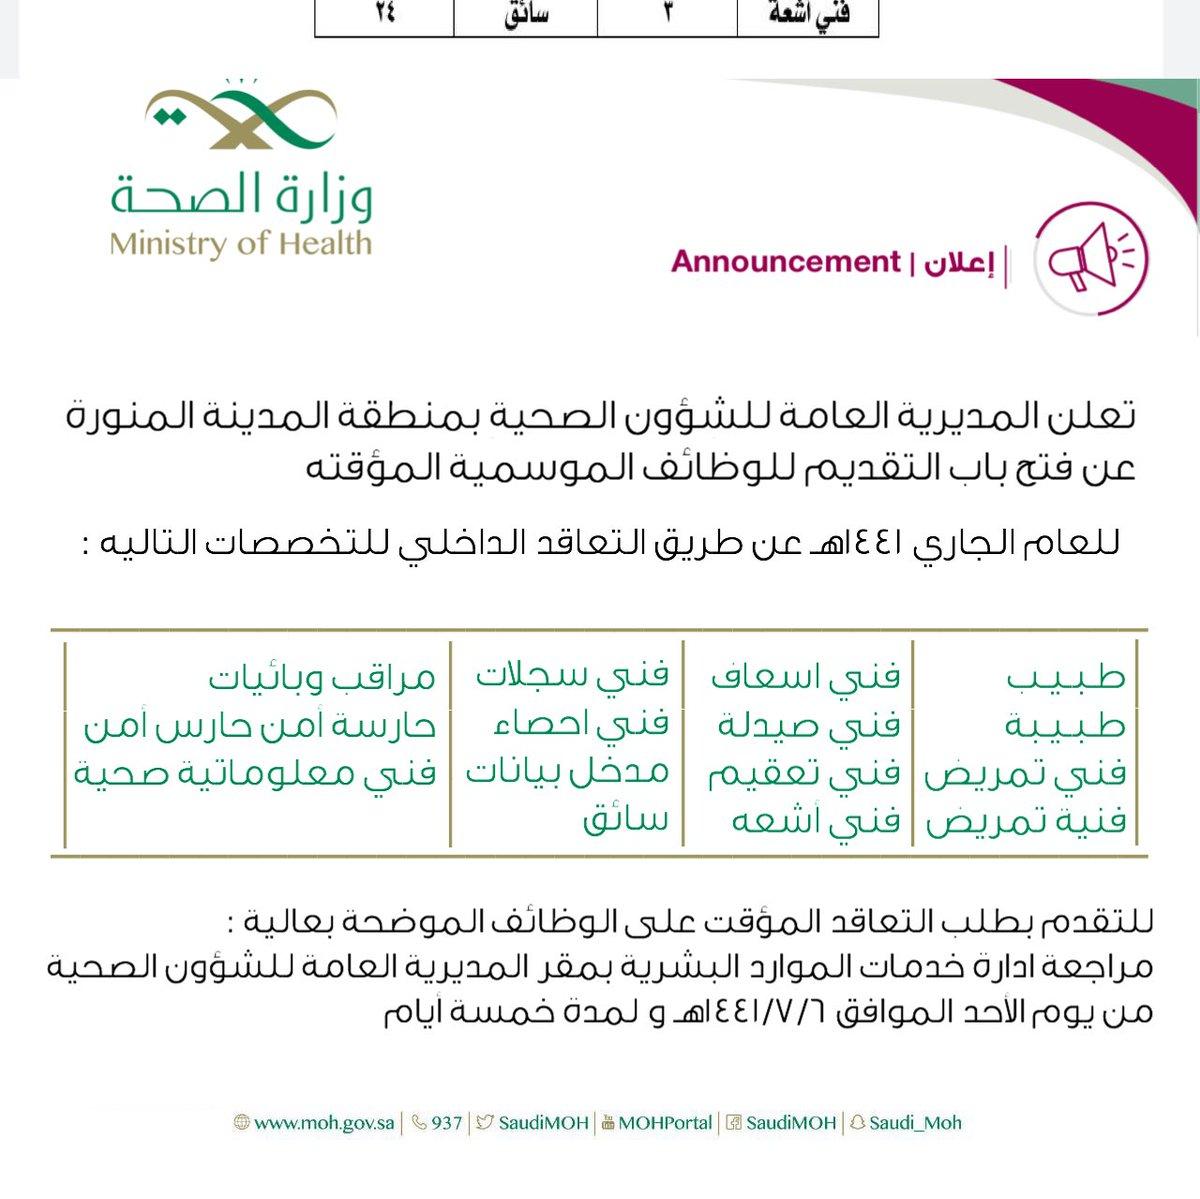 وظائف وزارة الصحة بالمدينة المنورة عن طريق التعاقد الداخلي